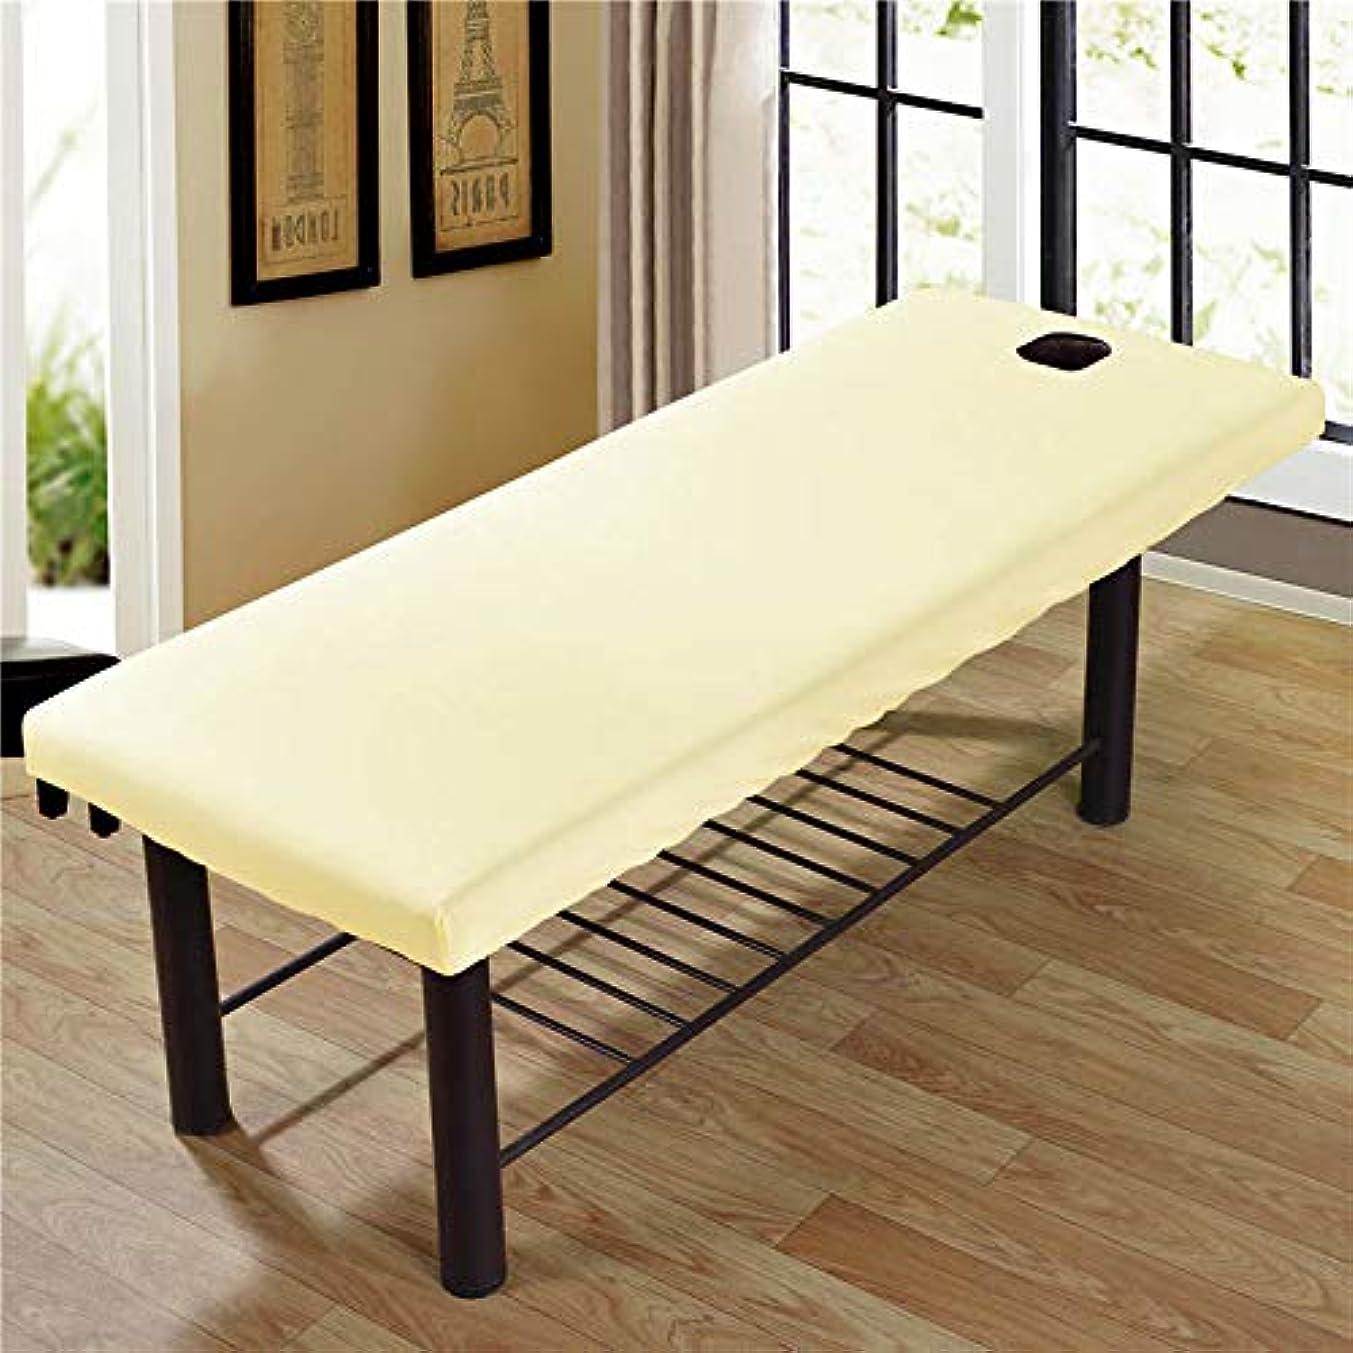 チャールズキージング四回三十Tenflyer 美容院のマッサージ療法のベッドのための柔らかいSoliod色の長方形のマットレス